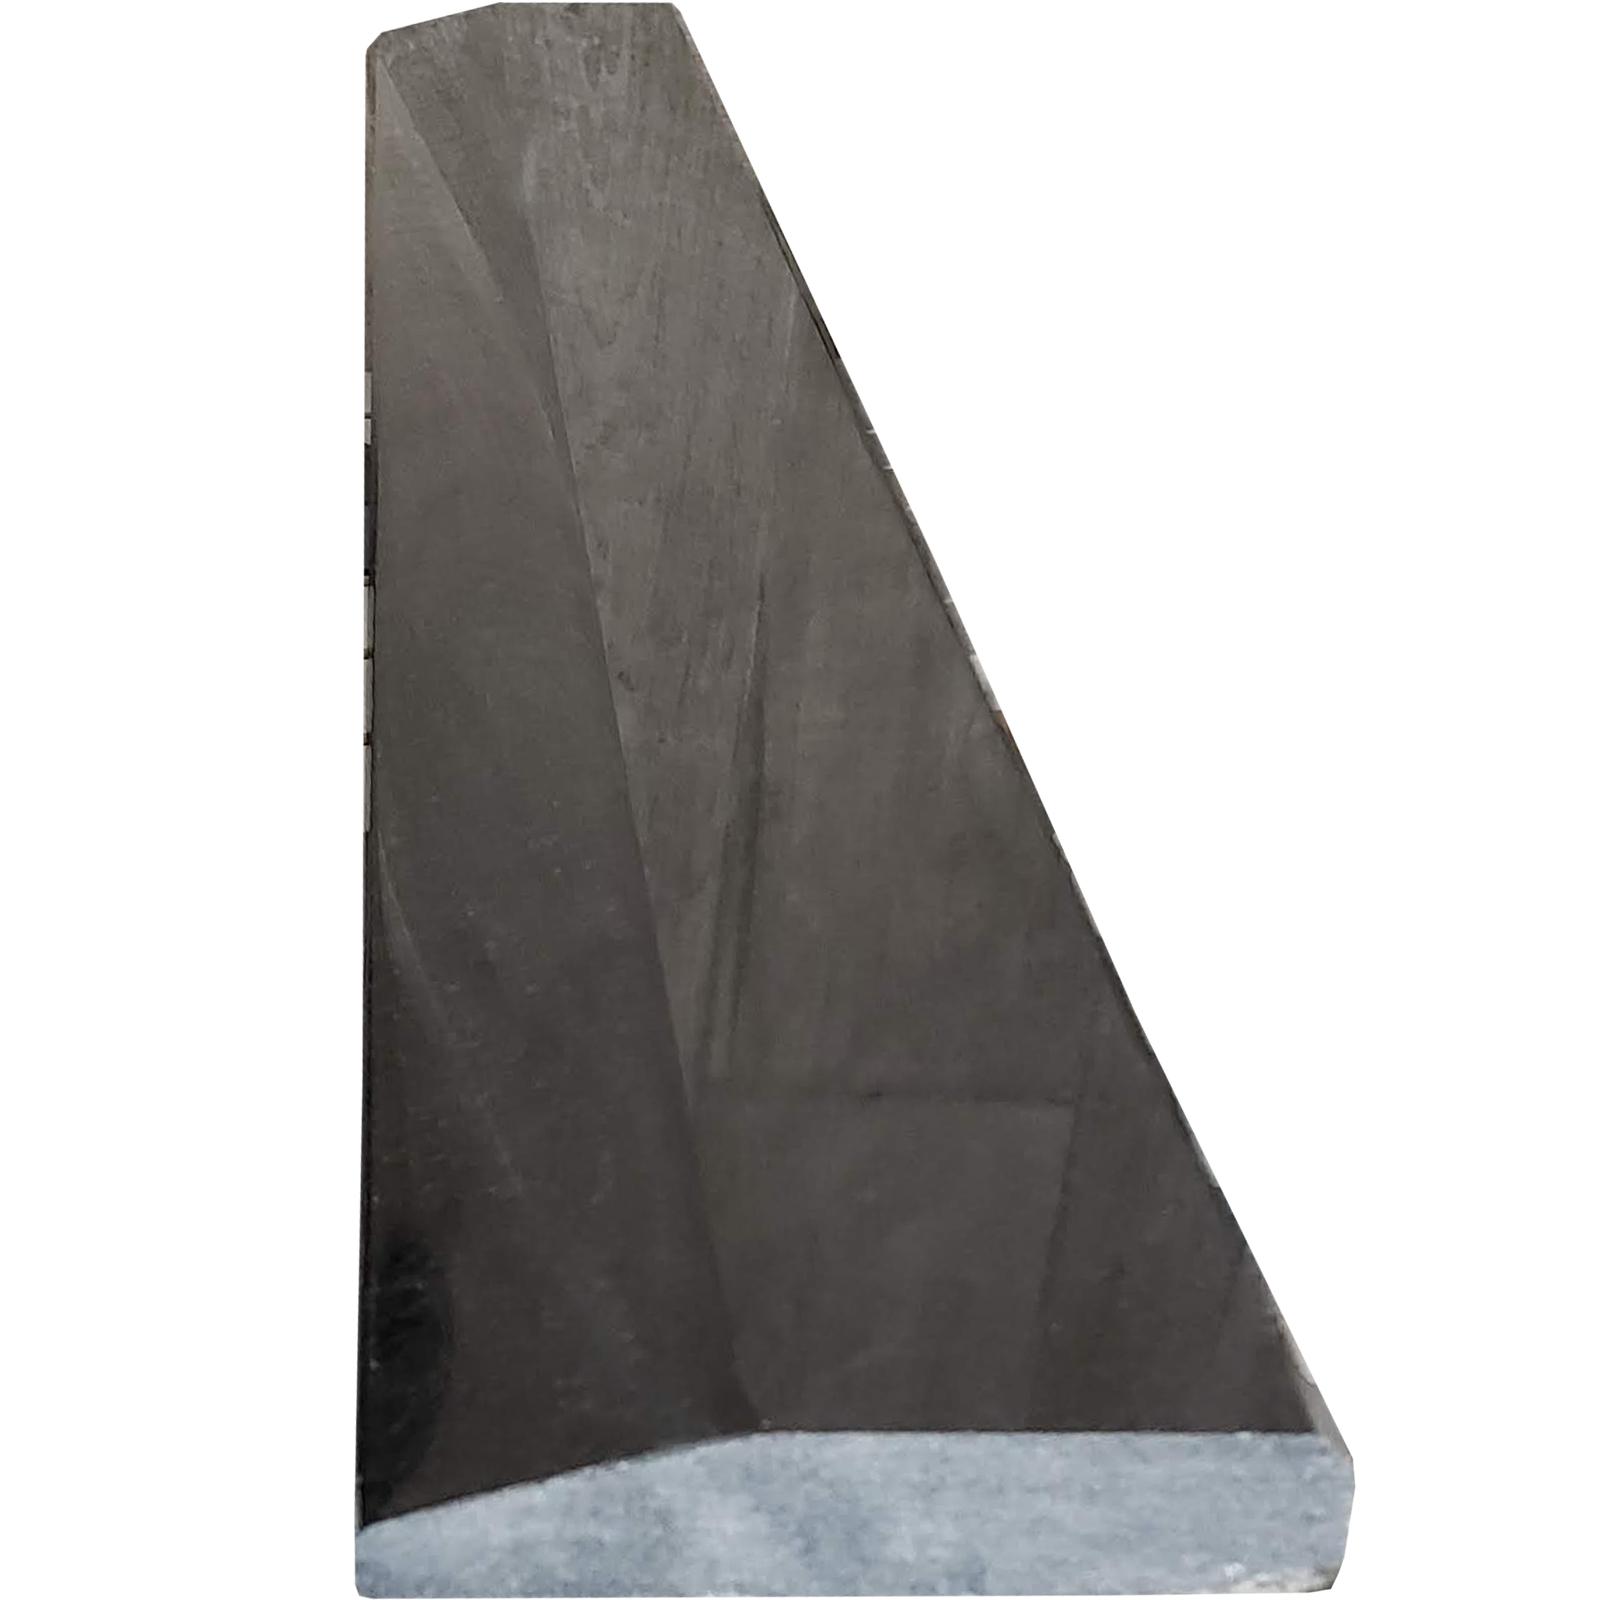 4 X 36 Hollywood Saddle Black Threshold